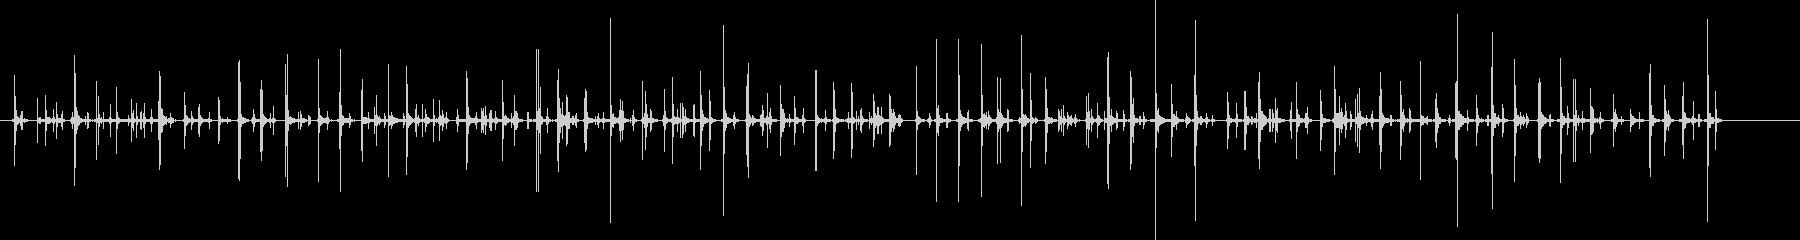 チャチャ..。PCタイピング音(高・長)の未再生の波形